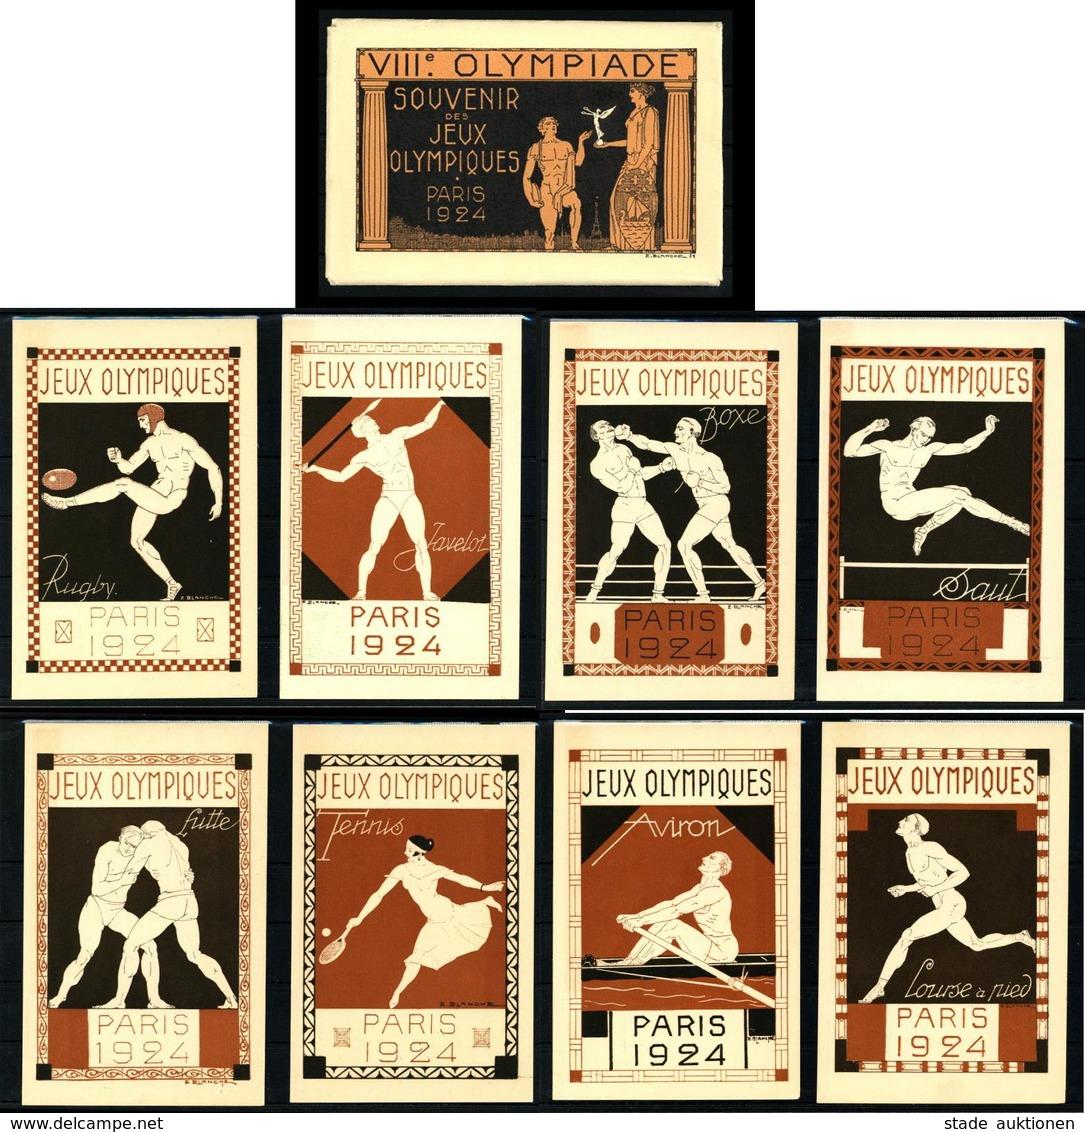 Olympiade Sommerspiele Paris 1924 Souvenir-Folder Mit 8 Ganzsachen Frankreich Sign. Blanche, E. I-II - Olympische Spiele